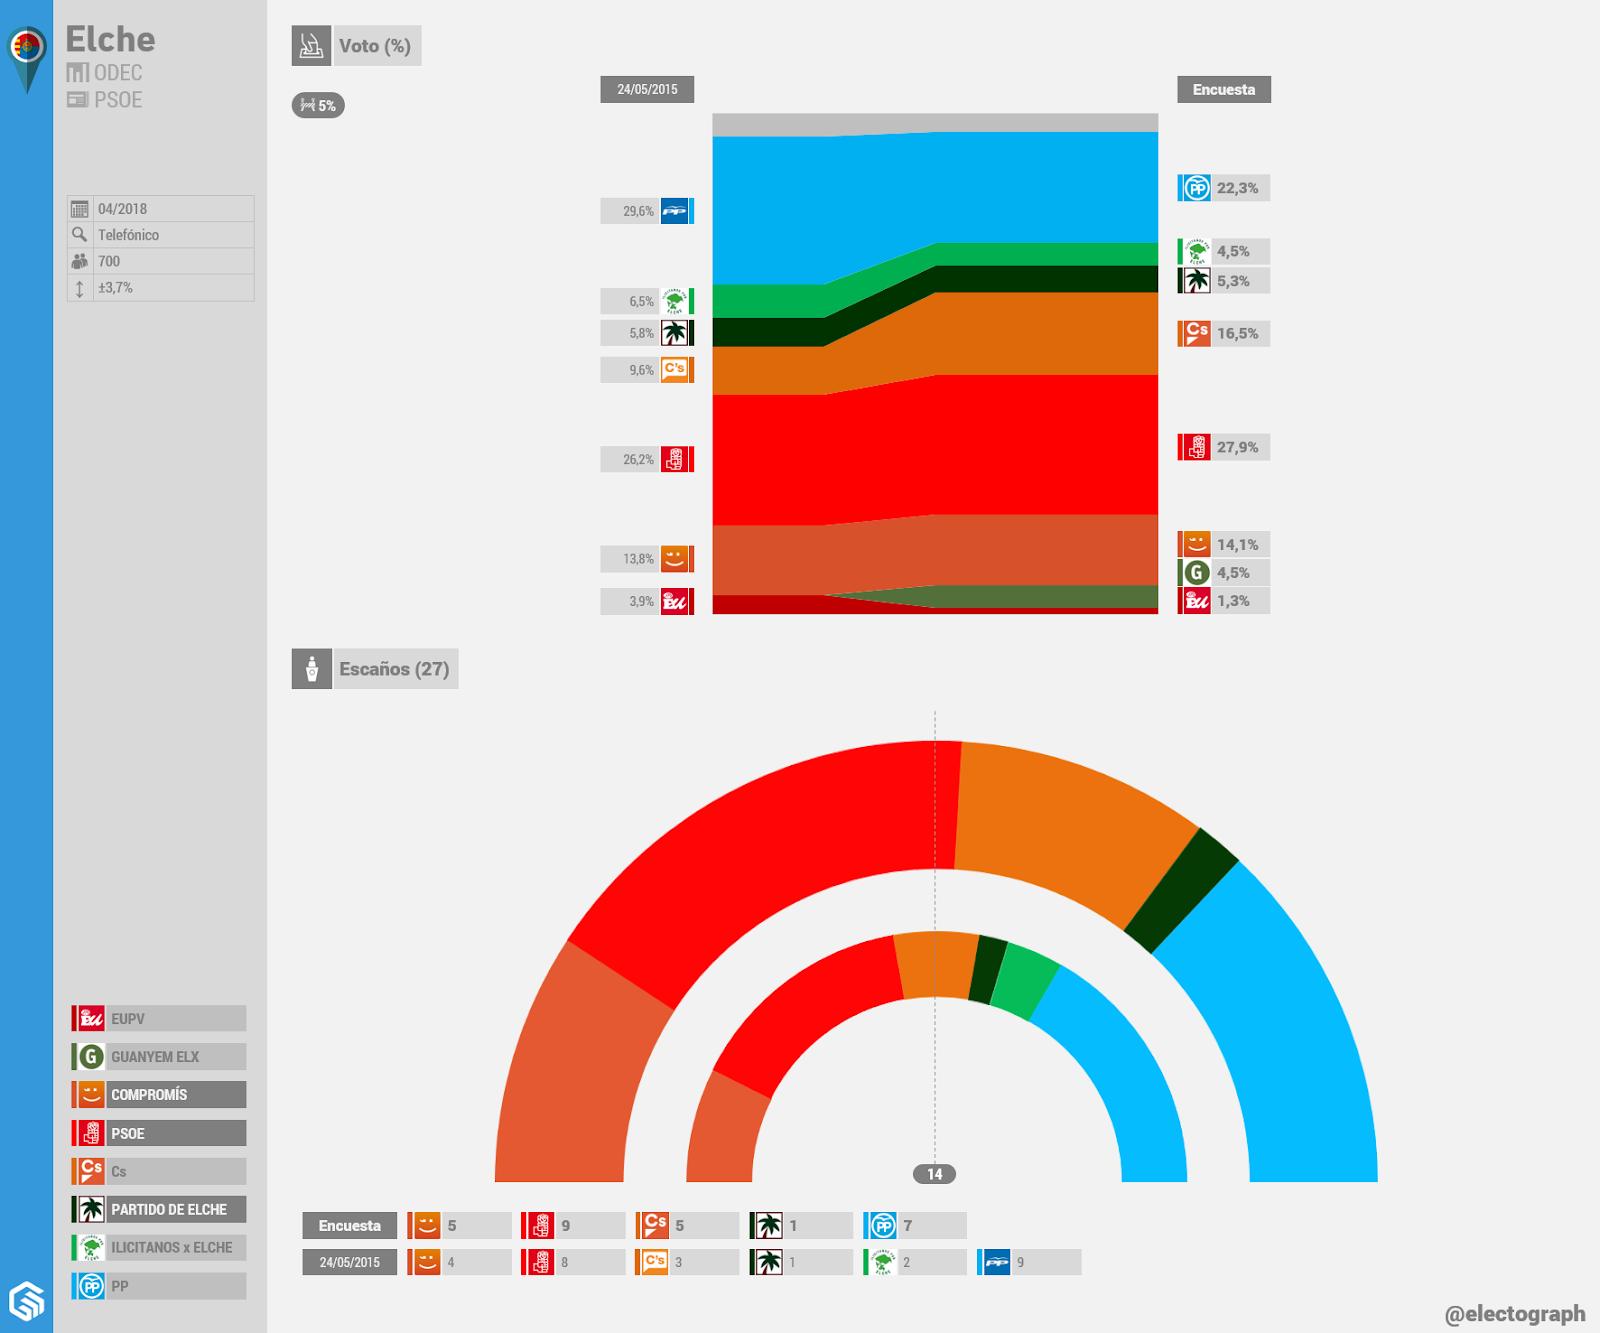 Gráfico de la encuesta para elecciones municipales en Elche realizada por ODEC para el PSOE en abril de 2018